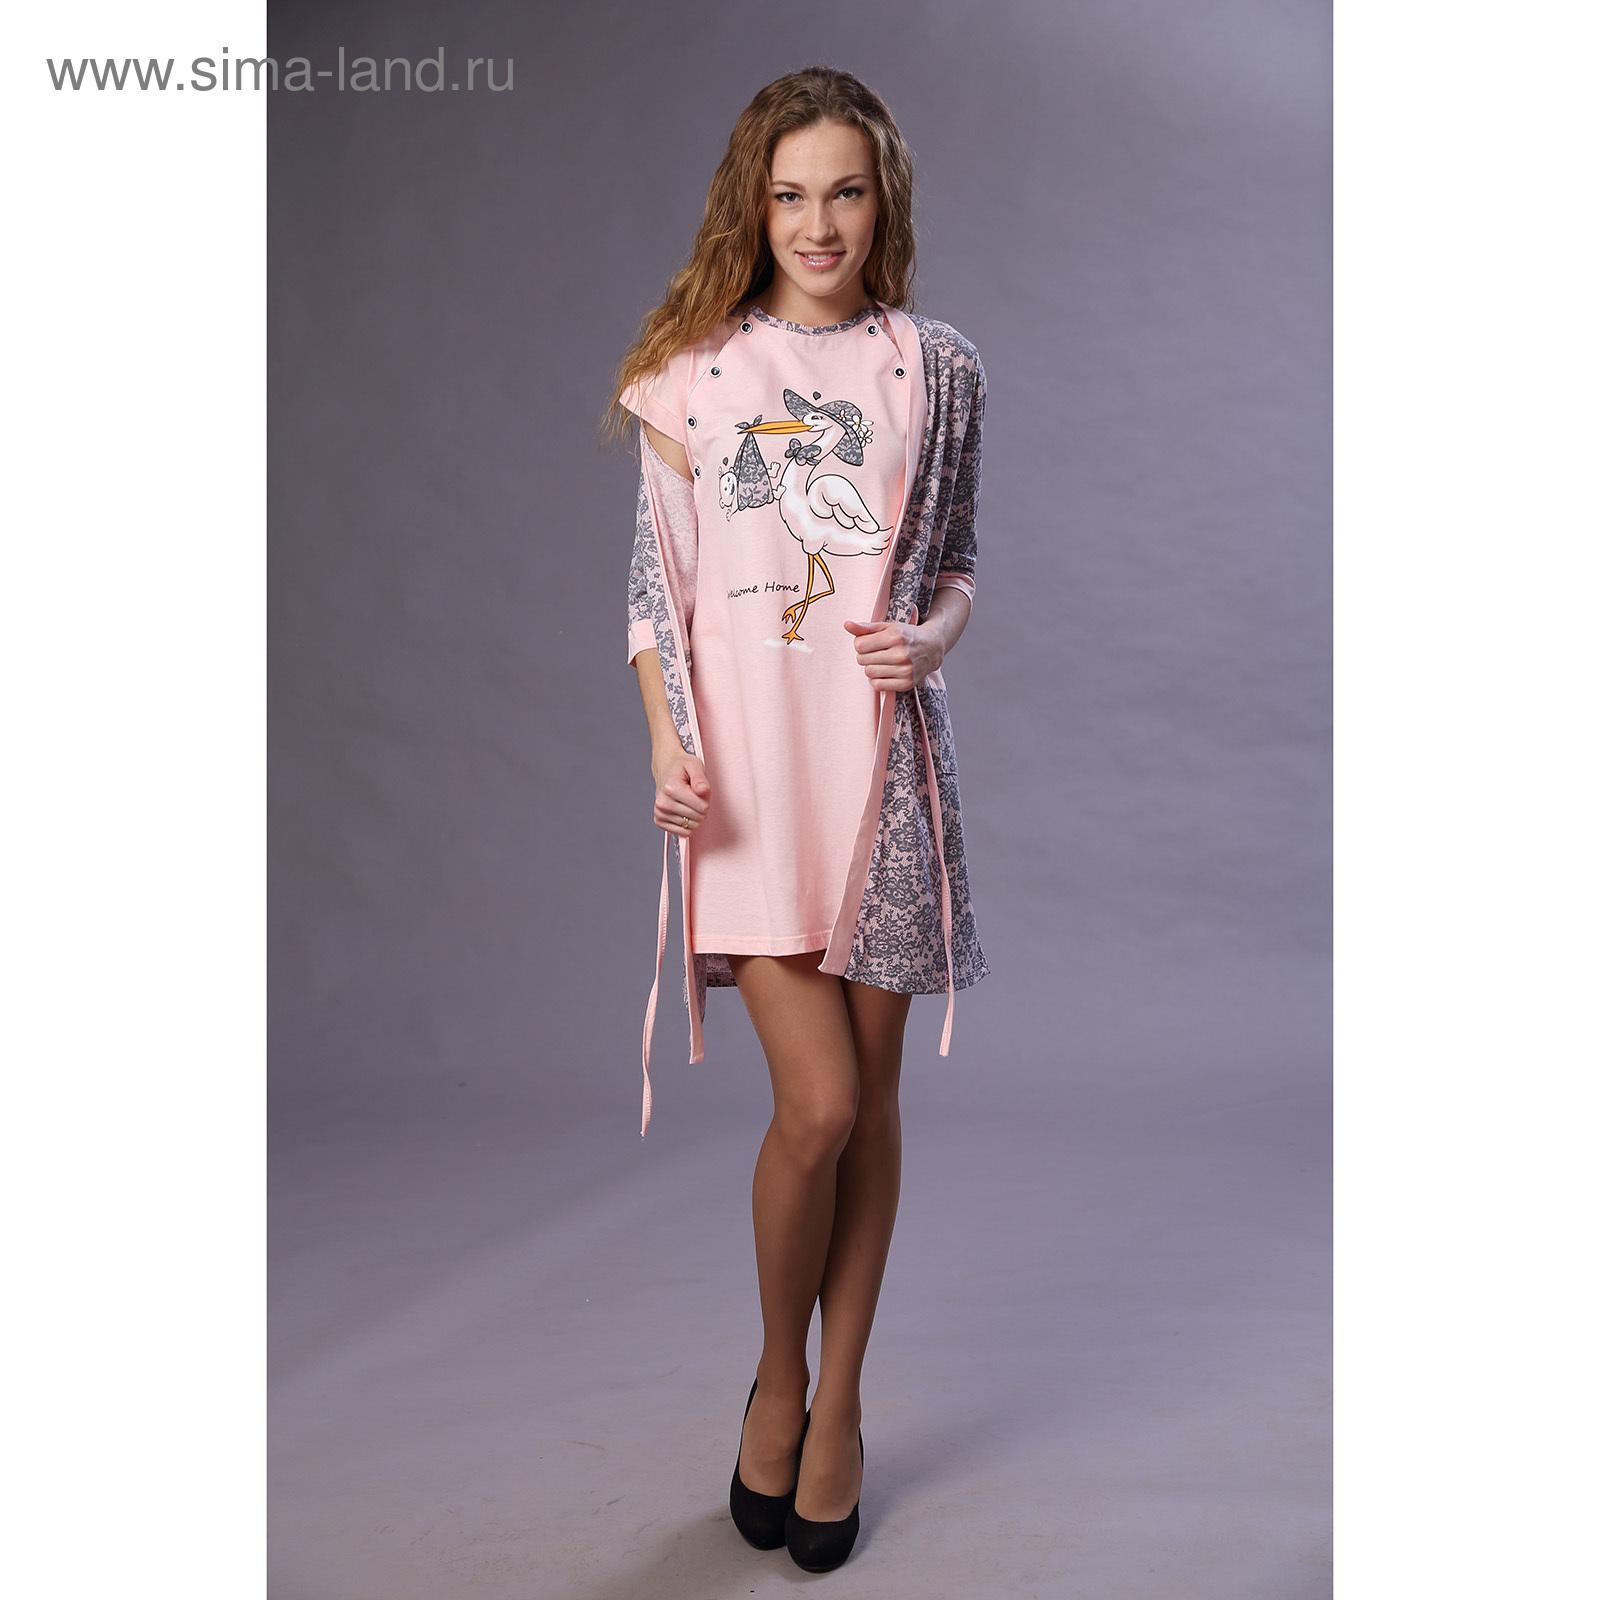 53fbd476d7da Комплект для беременых (халат, сорочка)